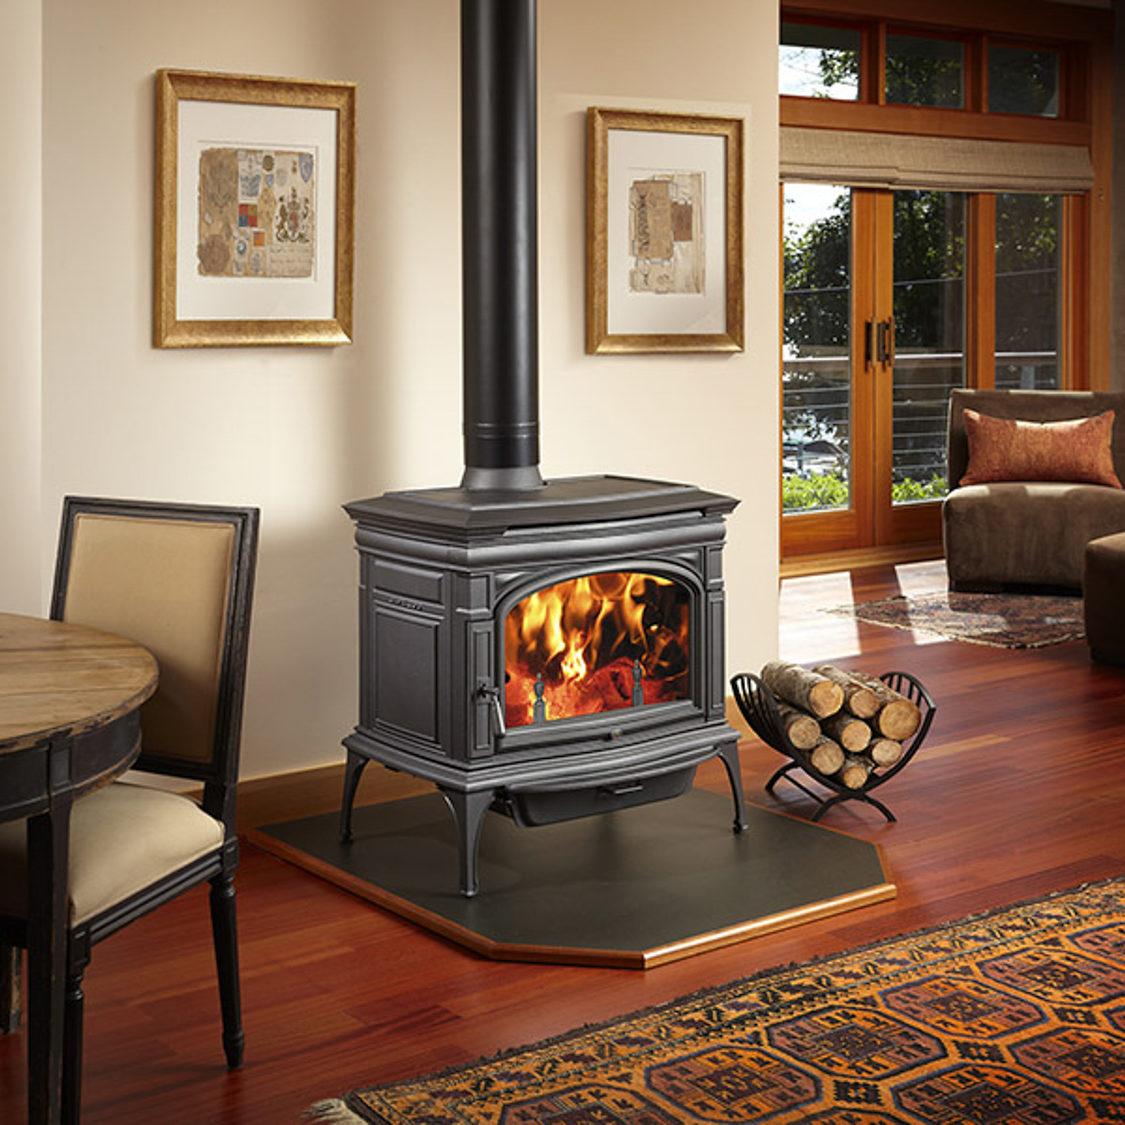 foothill-fireplace-regency